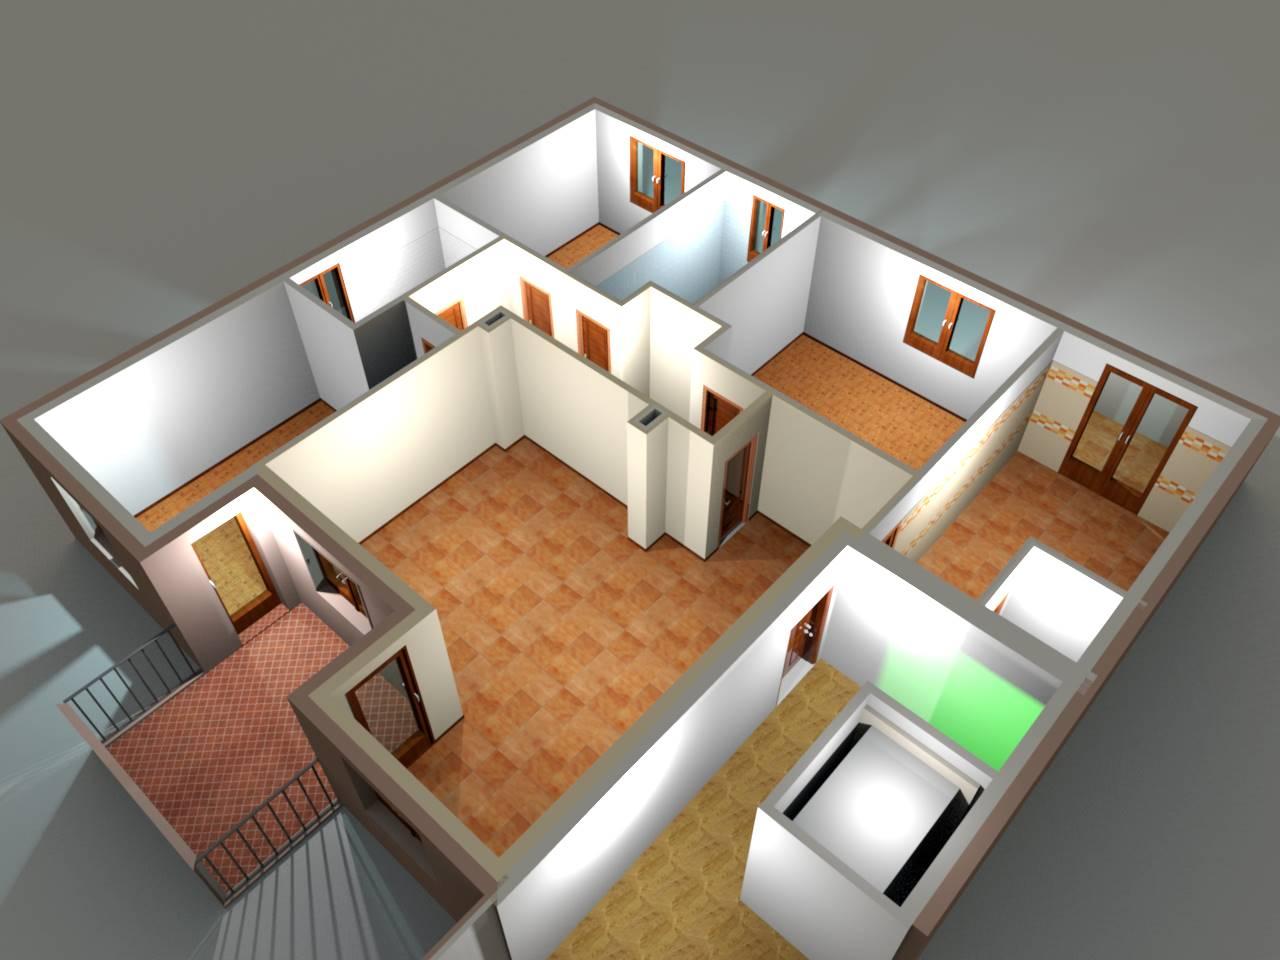 DORDERIO, BRUGHERIO, Wohnung zu verkaufen von 115 Qm, Gutem, Heizung Unabhaengig, Energie-klasse: F, Epi: 179,38 kwh/m2 jahr, am boden 3° auf 4,